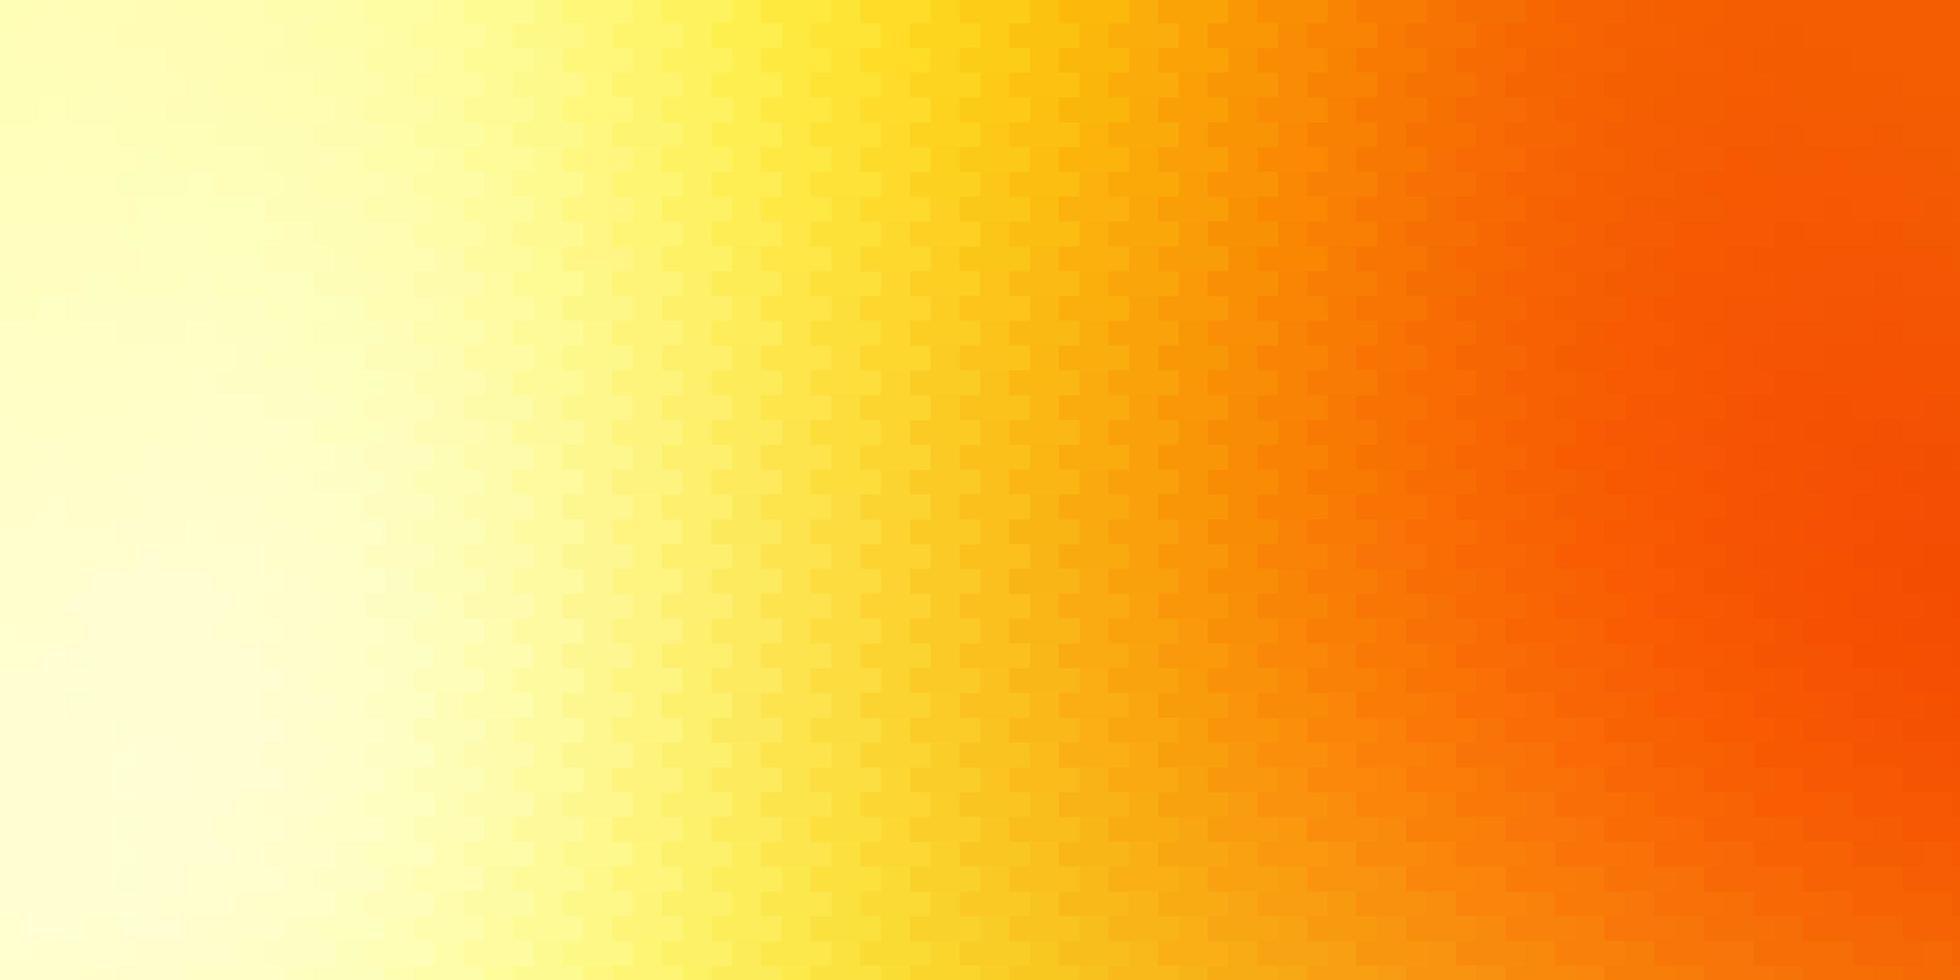 fond de vecteur rouge et jaune clair avec des rectangles.